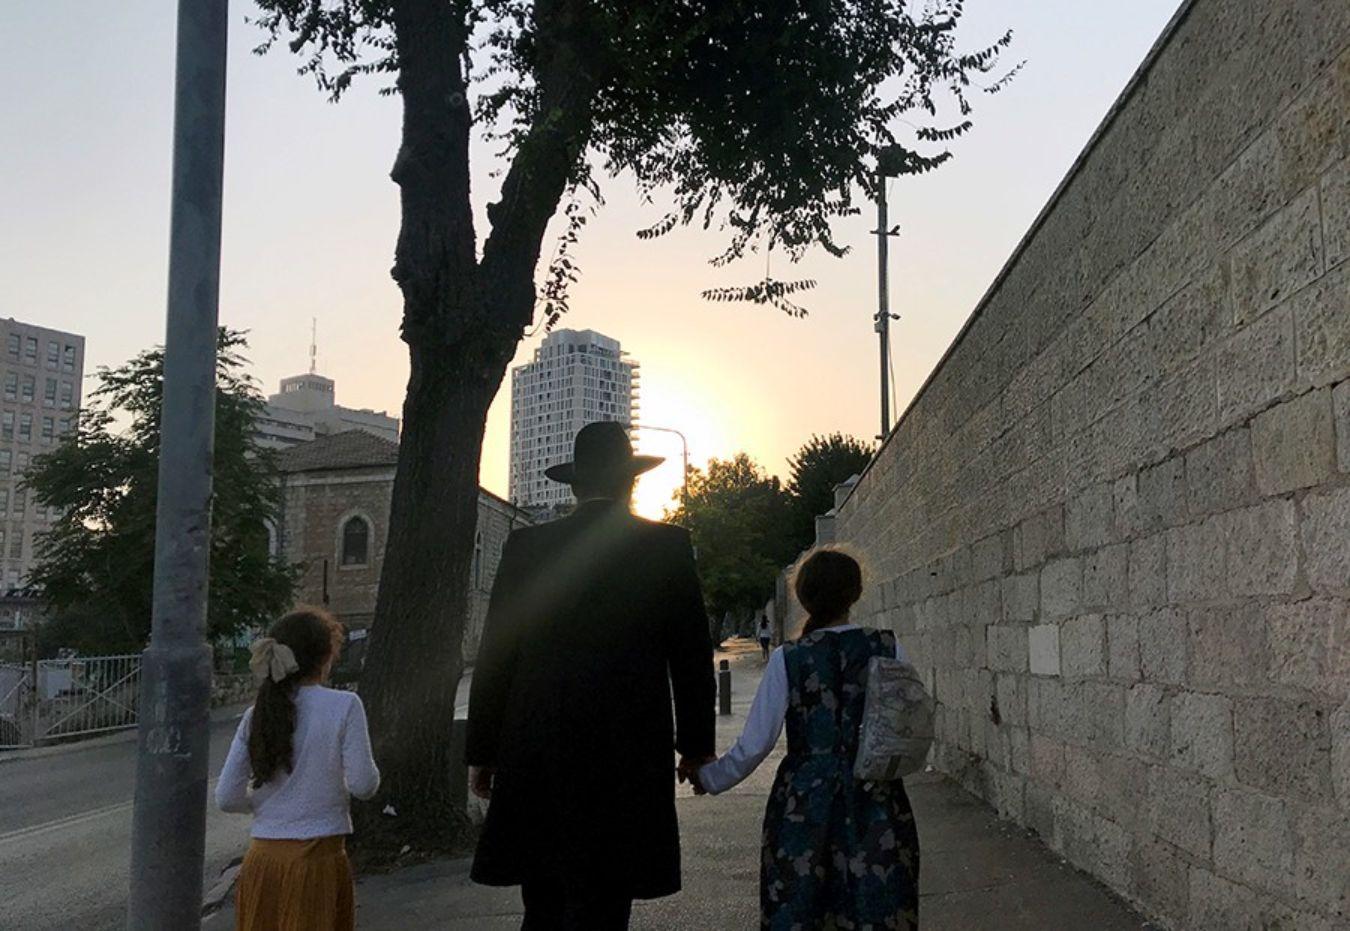 Irsarelís paseando en la ciudad de Tel Aviv